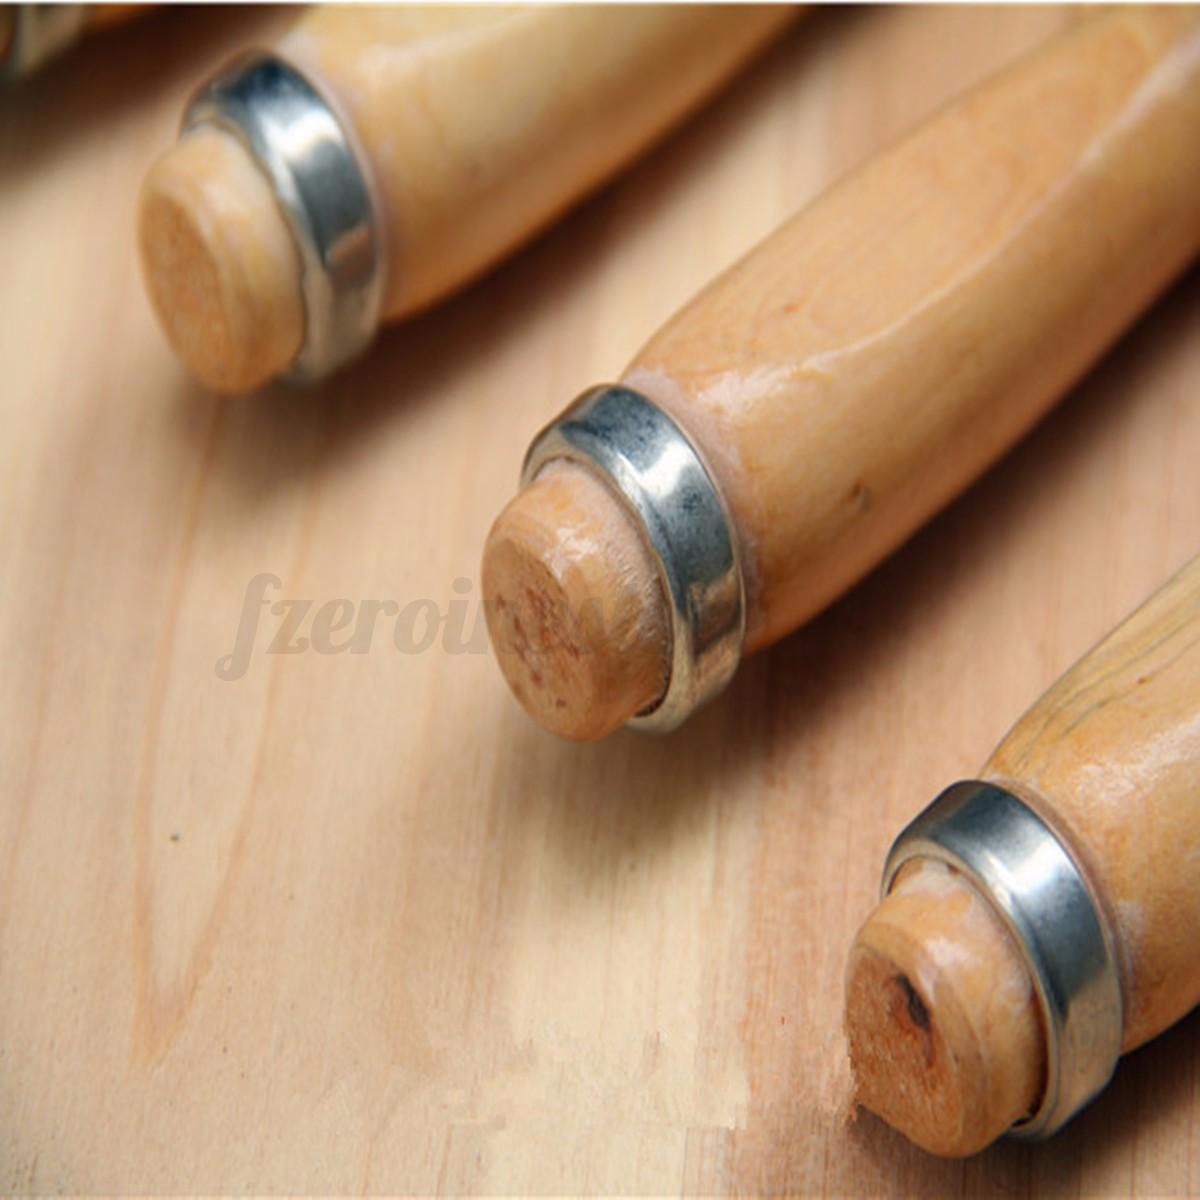 4Pcs DIY Home Carving Set Wood gouge Chisel Woodworking ...